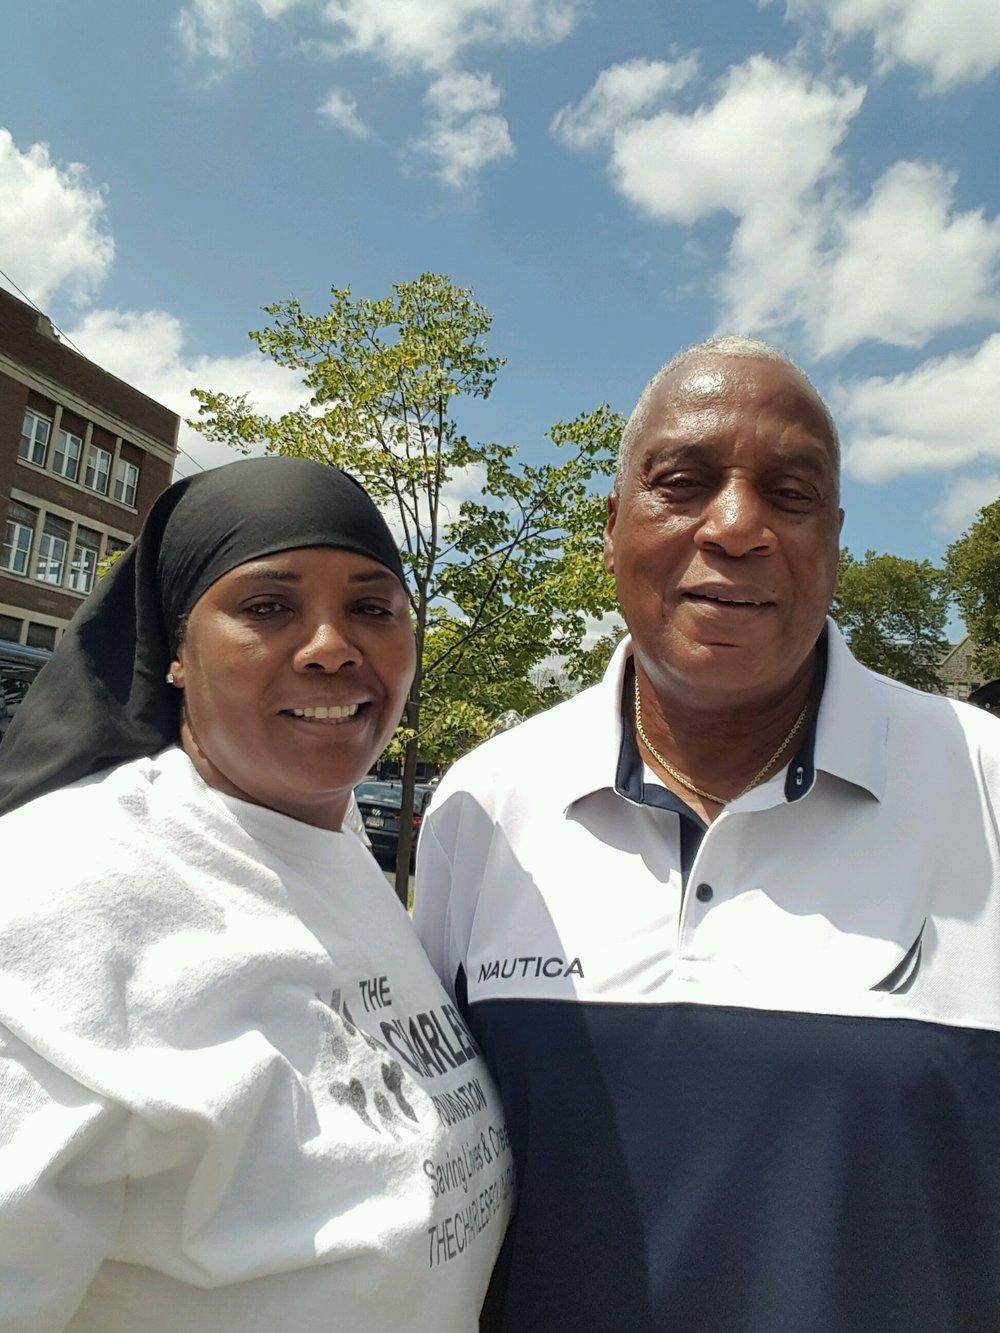 Former Police Commissioner Sylvester Johnson